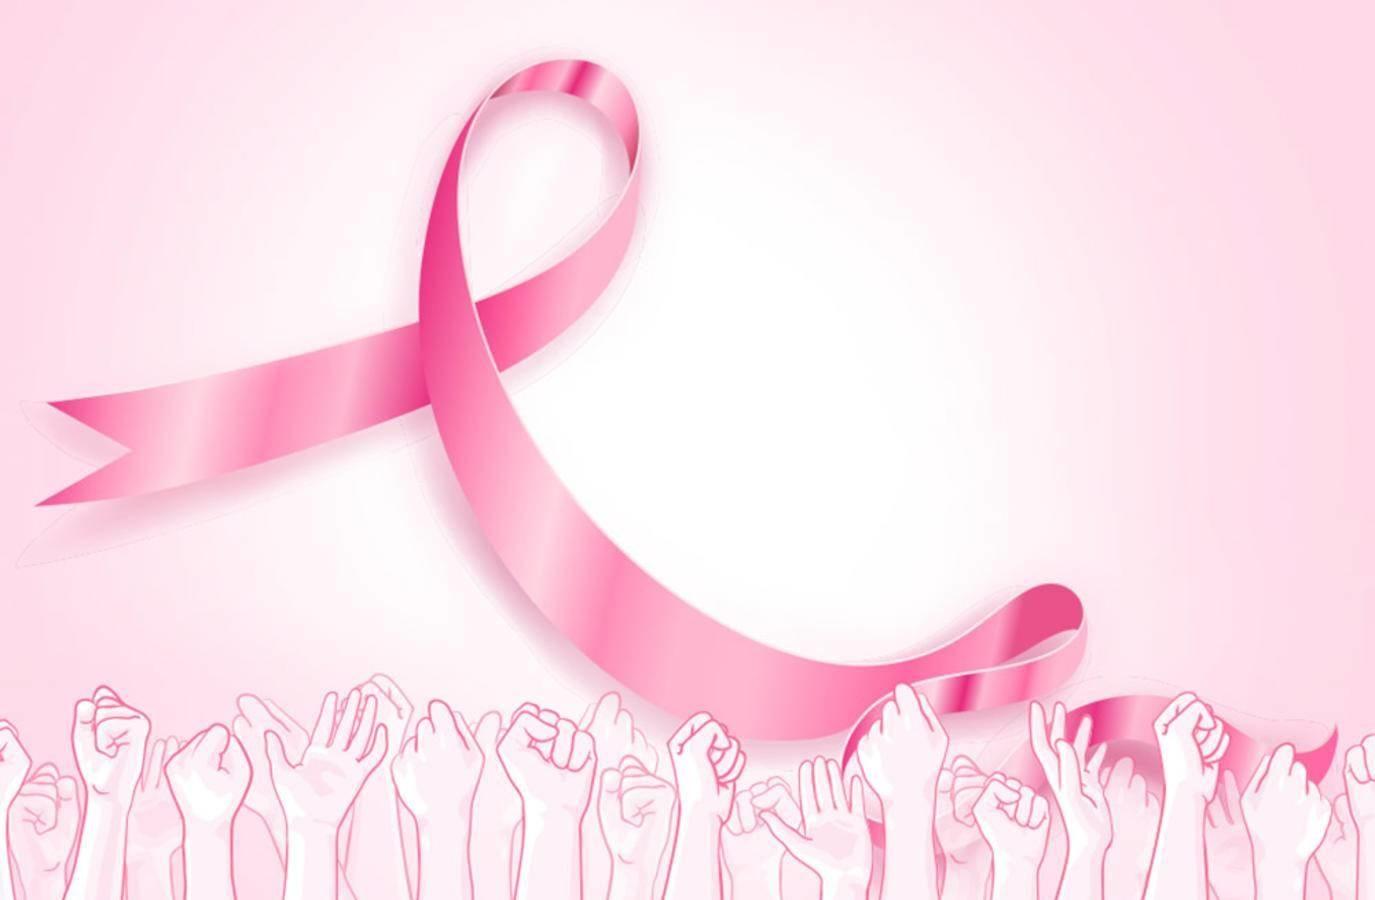 دواء جديد لسرطان الثدي المبكر… أول ظهور له منذ 20 عاما